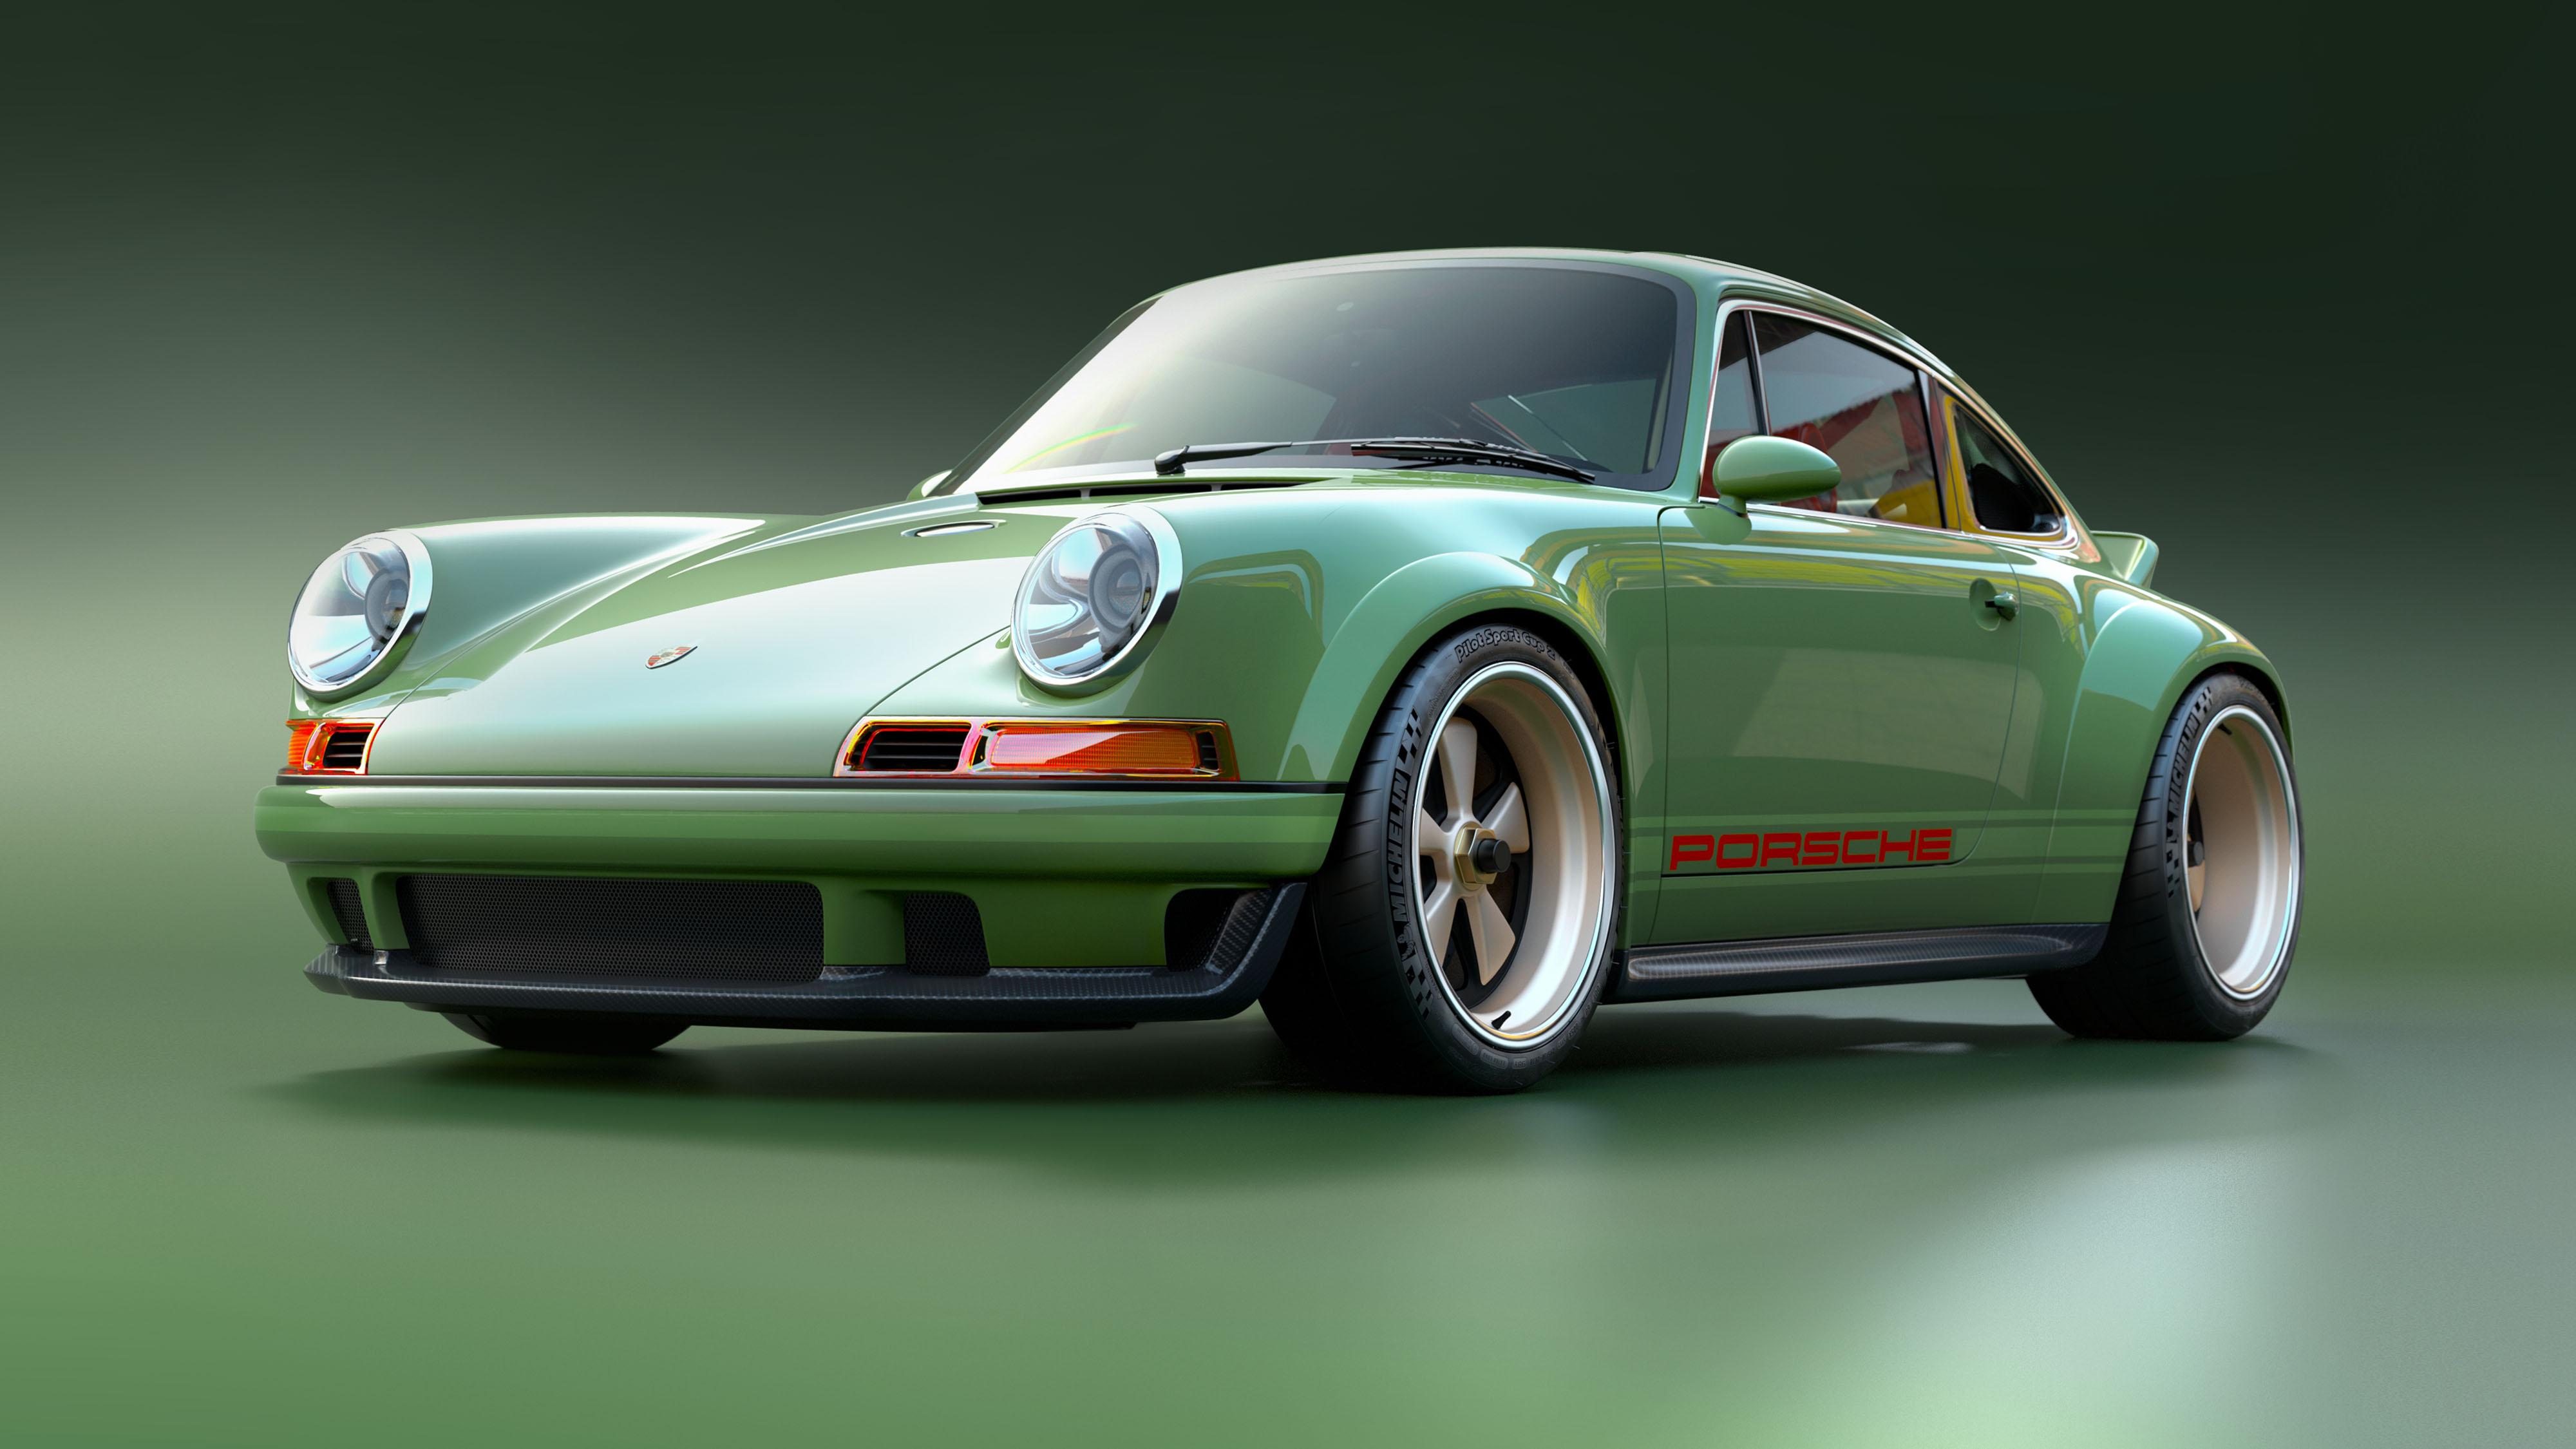 Porsche 911 restored by Singer & Williams front